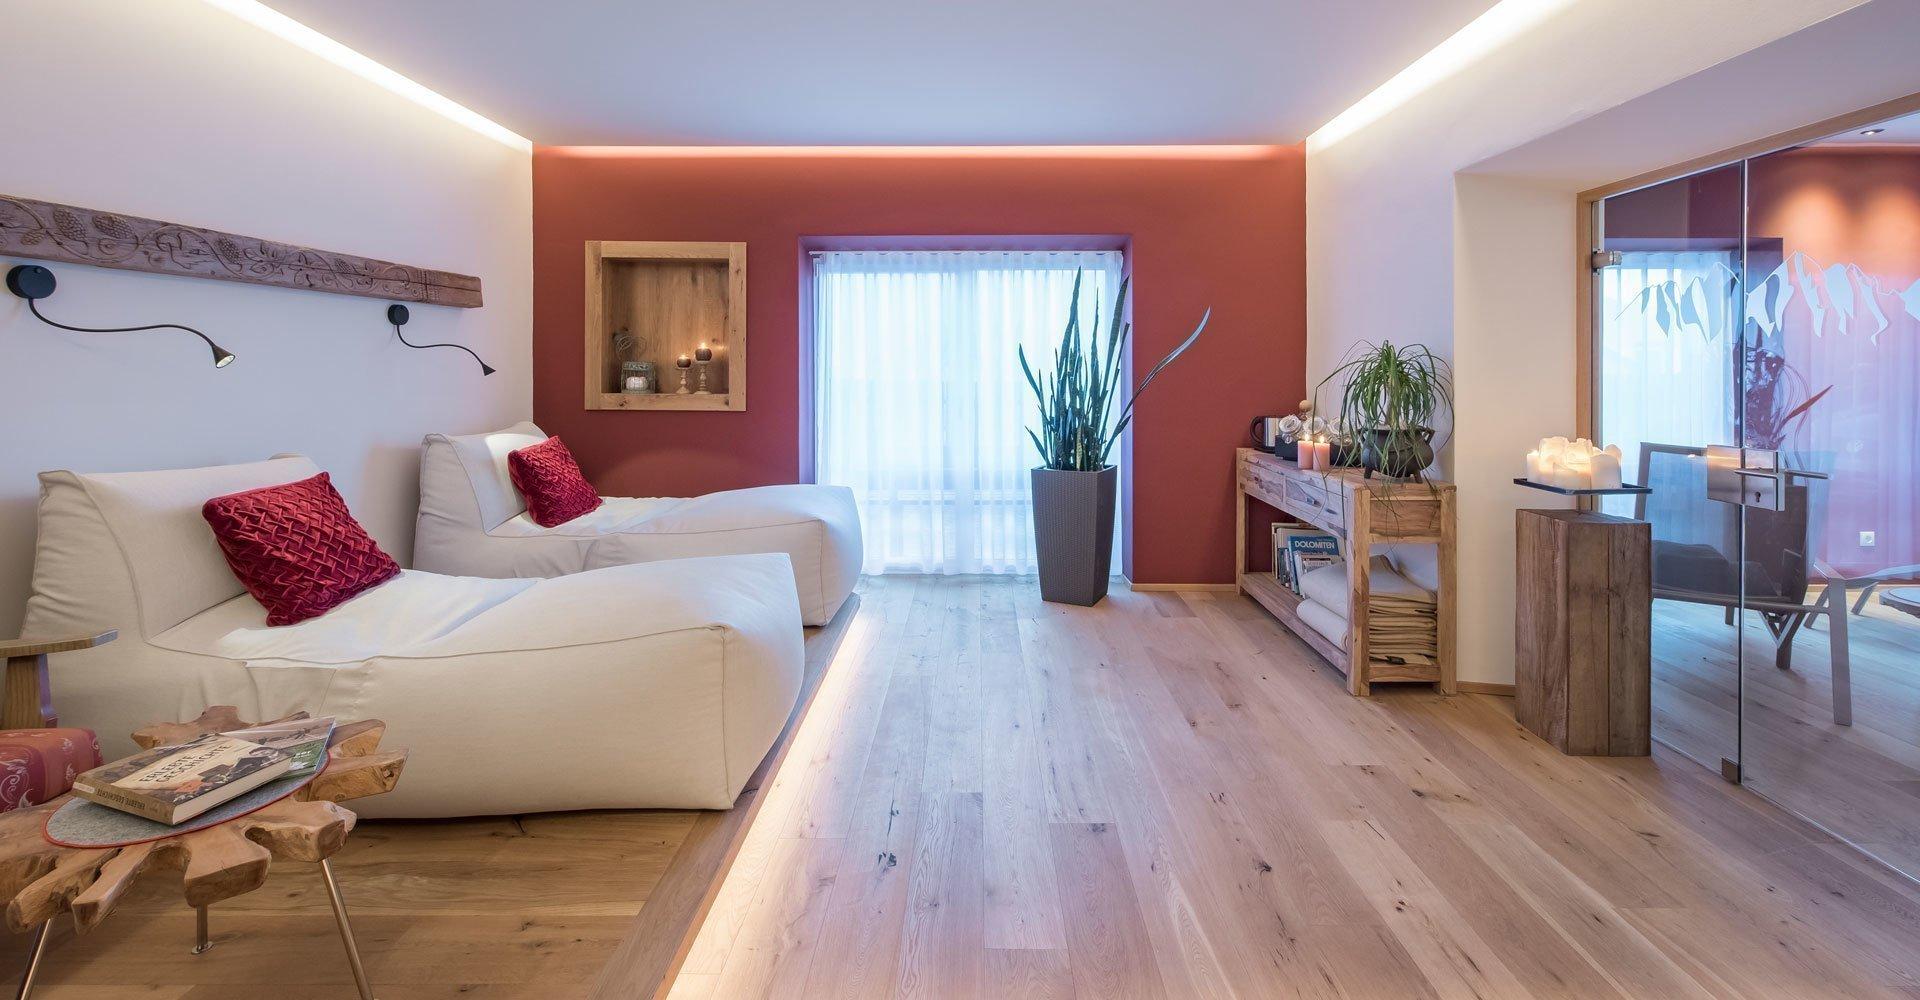 ferienhaus-mit-wellness-suedtirol